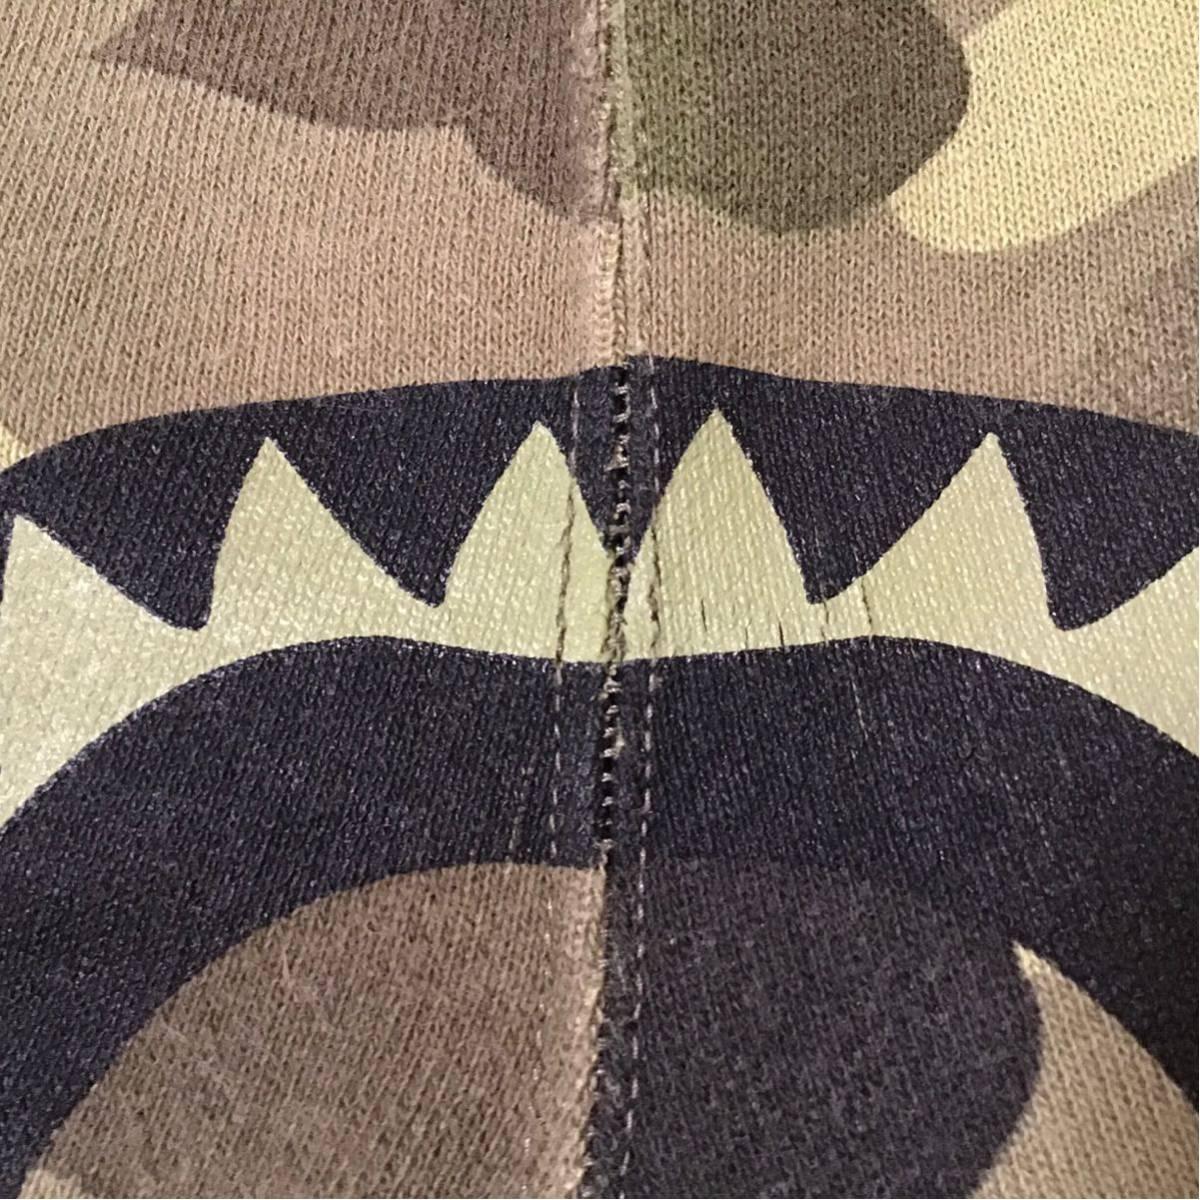 undefeated × bape シャーク スウェット ハーフパンツ Mサイズ shark shorts エイプ ベイプ アンディフィーテッド ショーツ BAPE camo 923